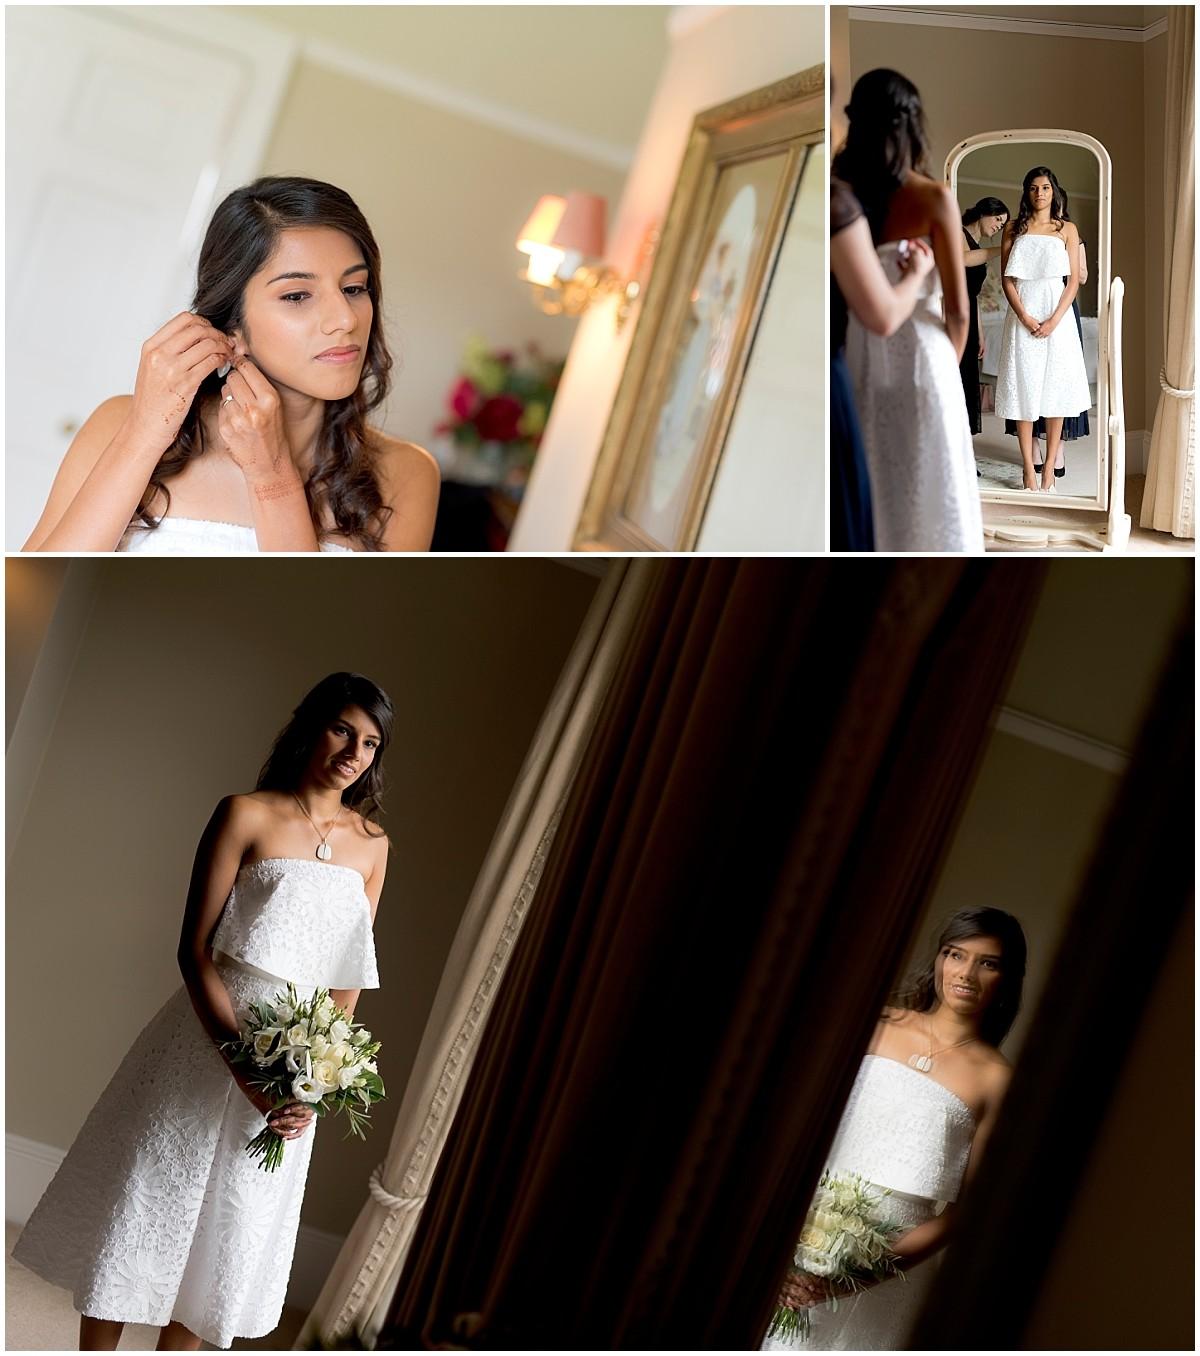 Yeldersley Hall Wedding bridal portraits